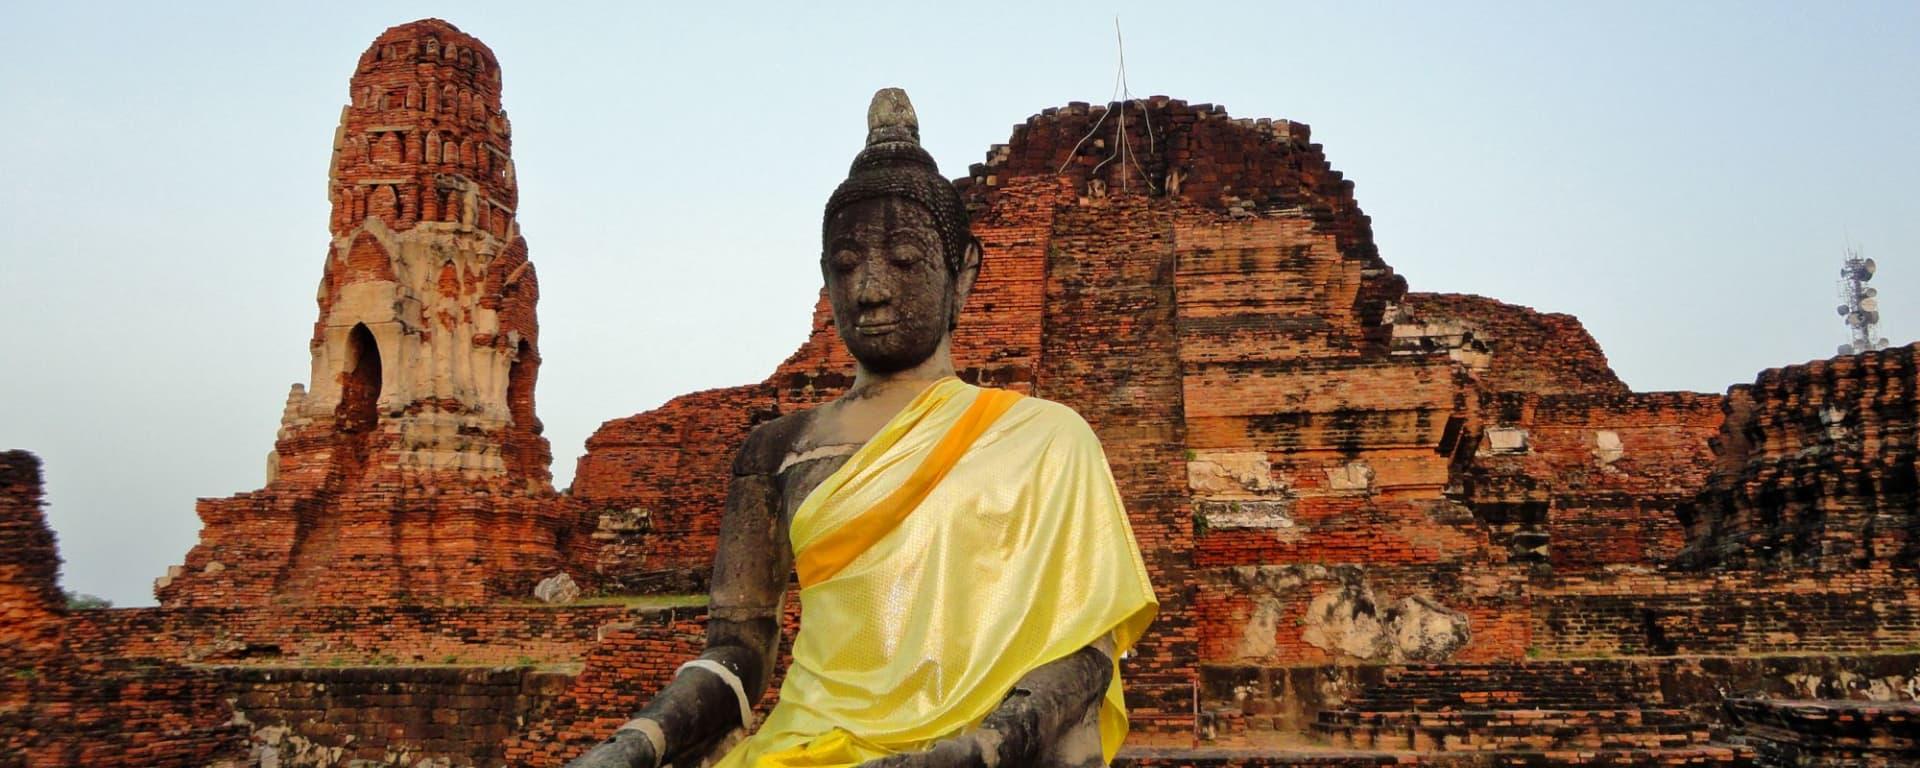 Voyage au Rocher d'Or  (traversée de Bangkok à Yangon): Ayutthaya